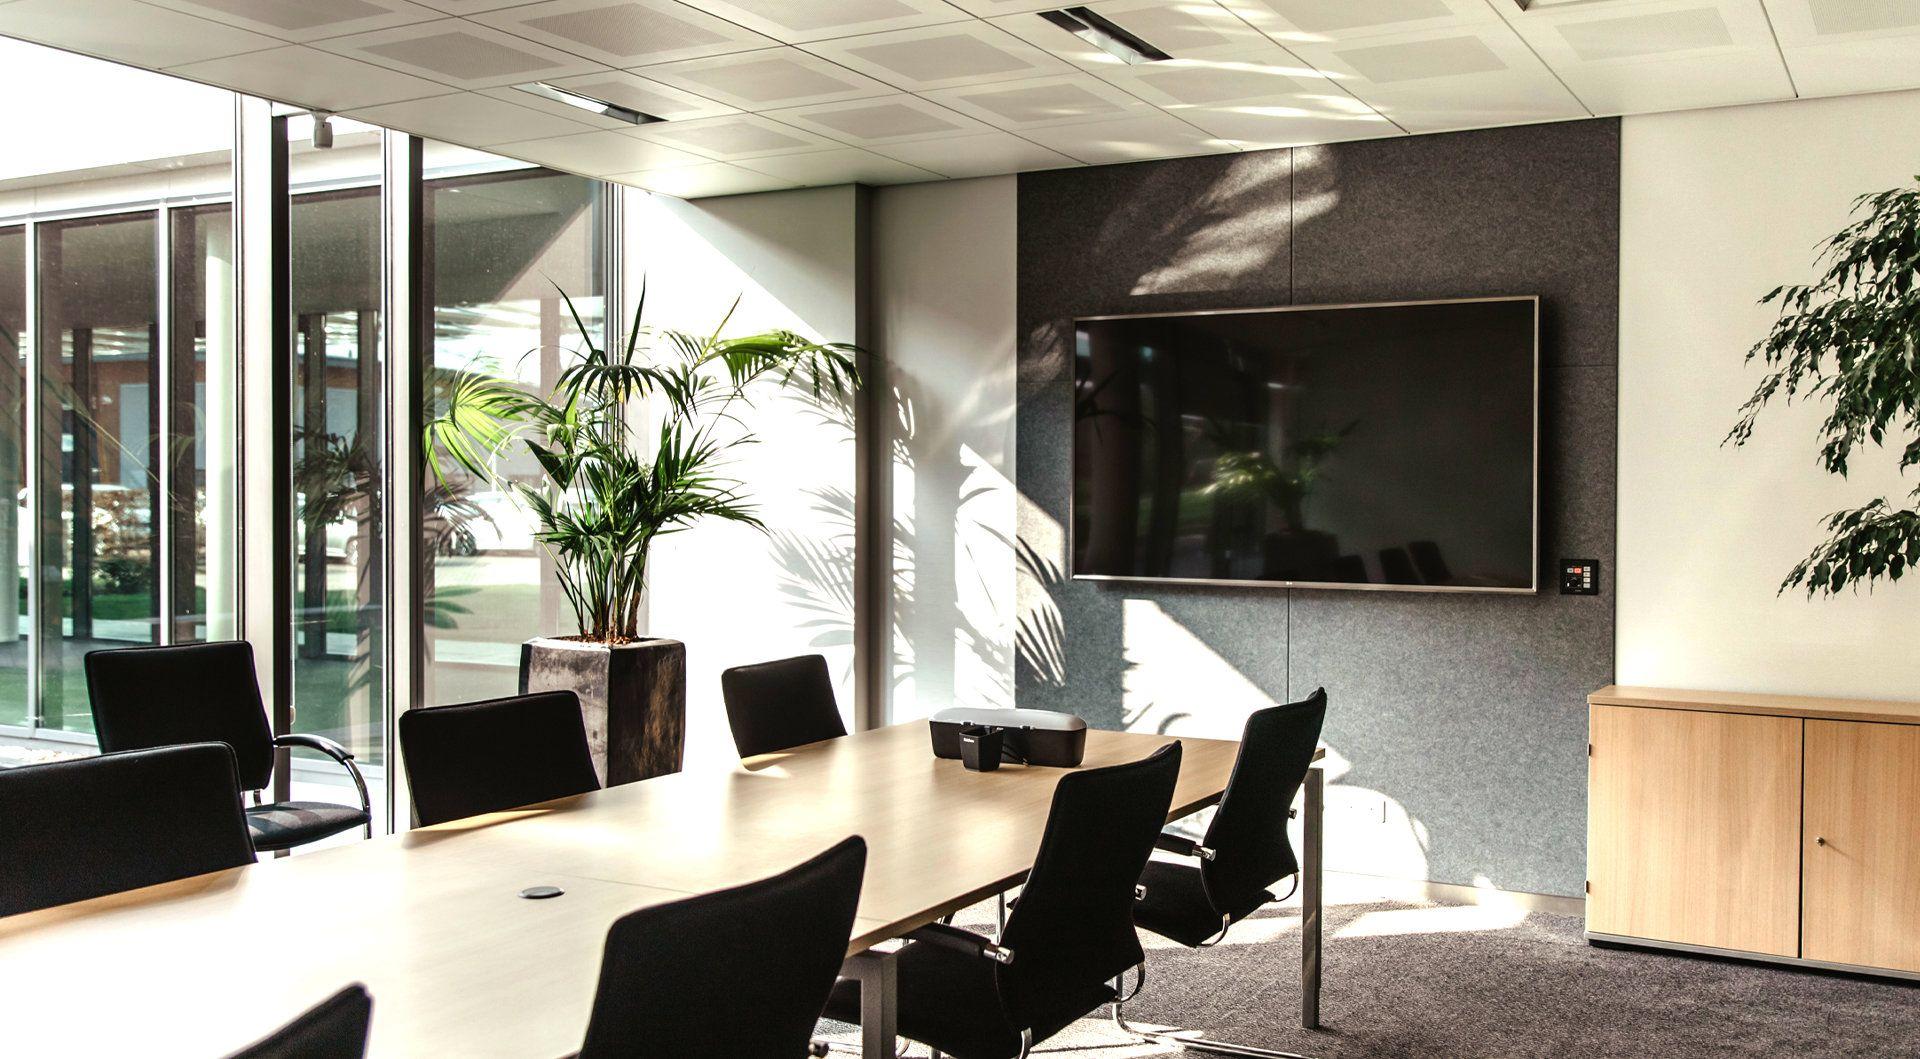 Projecta ProScreen CSR 220x220 projectiescherm 1:1 - Case studie de vries